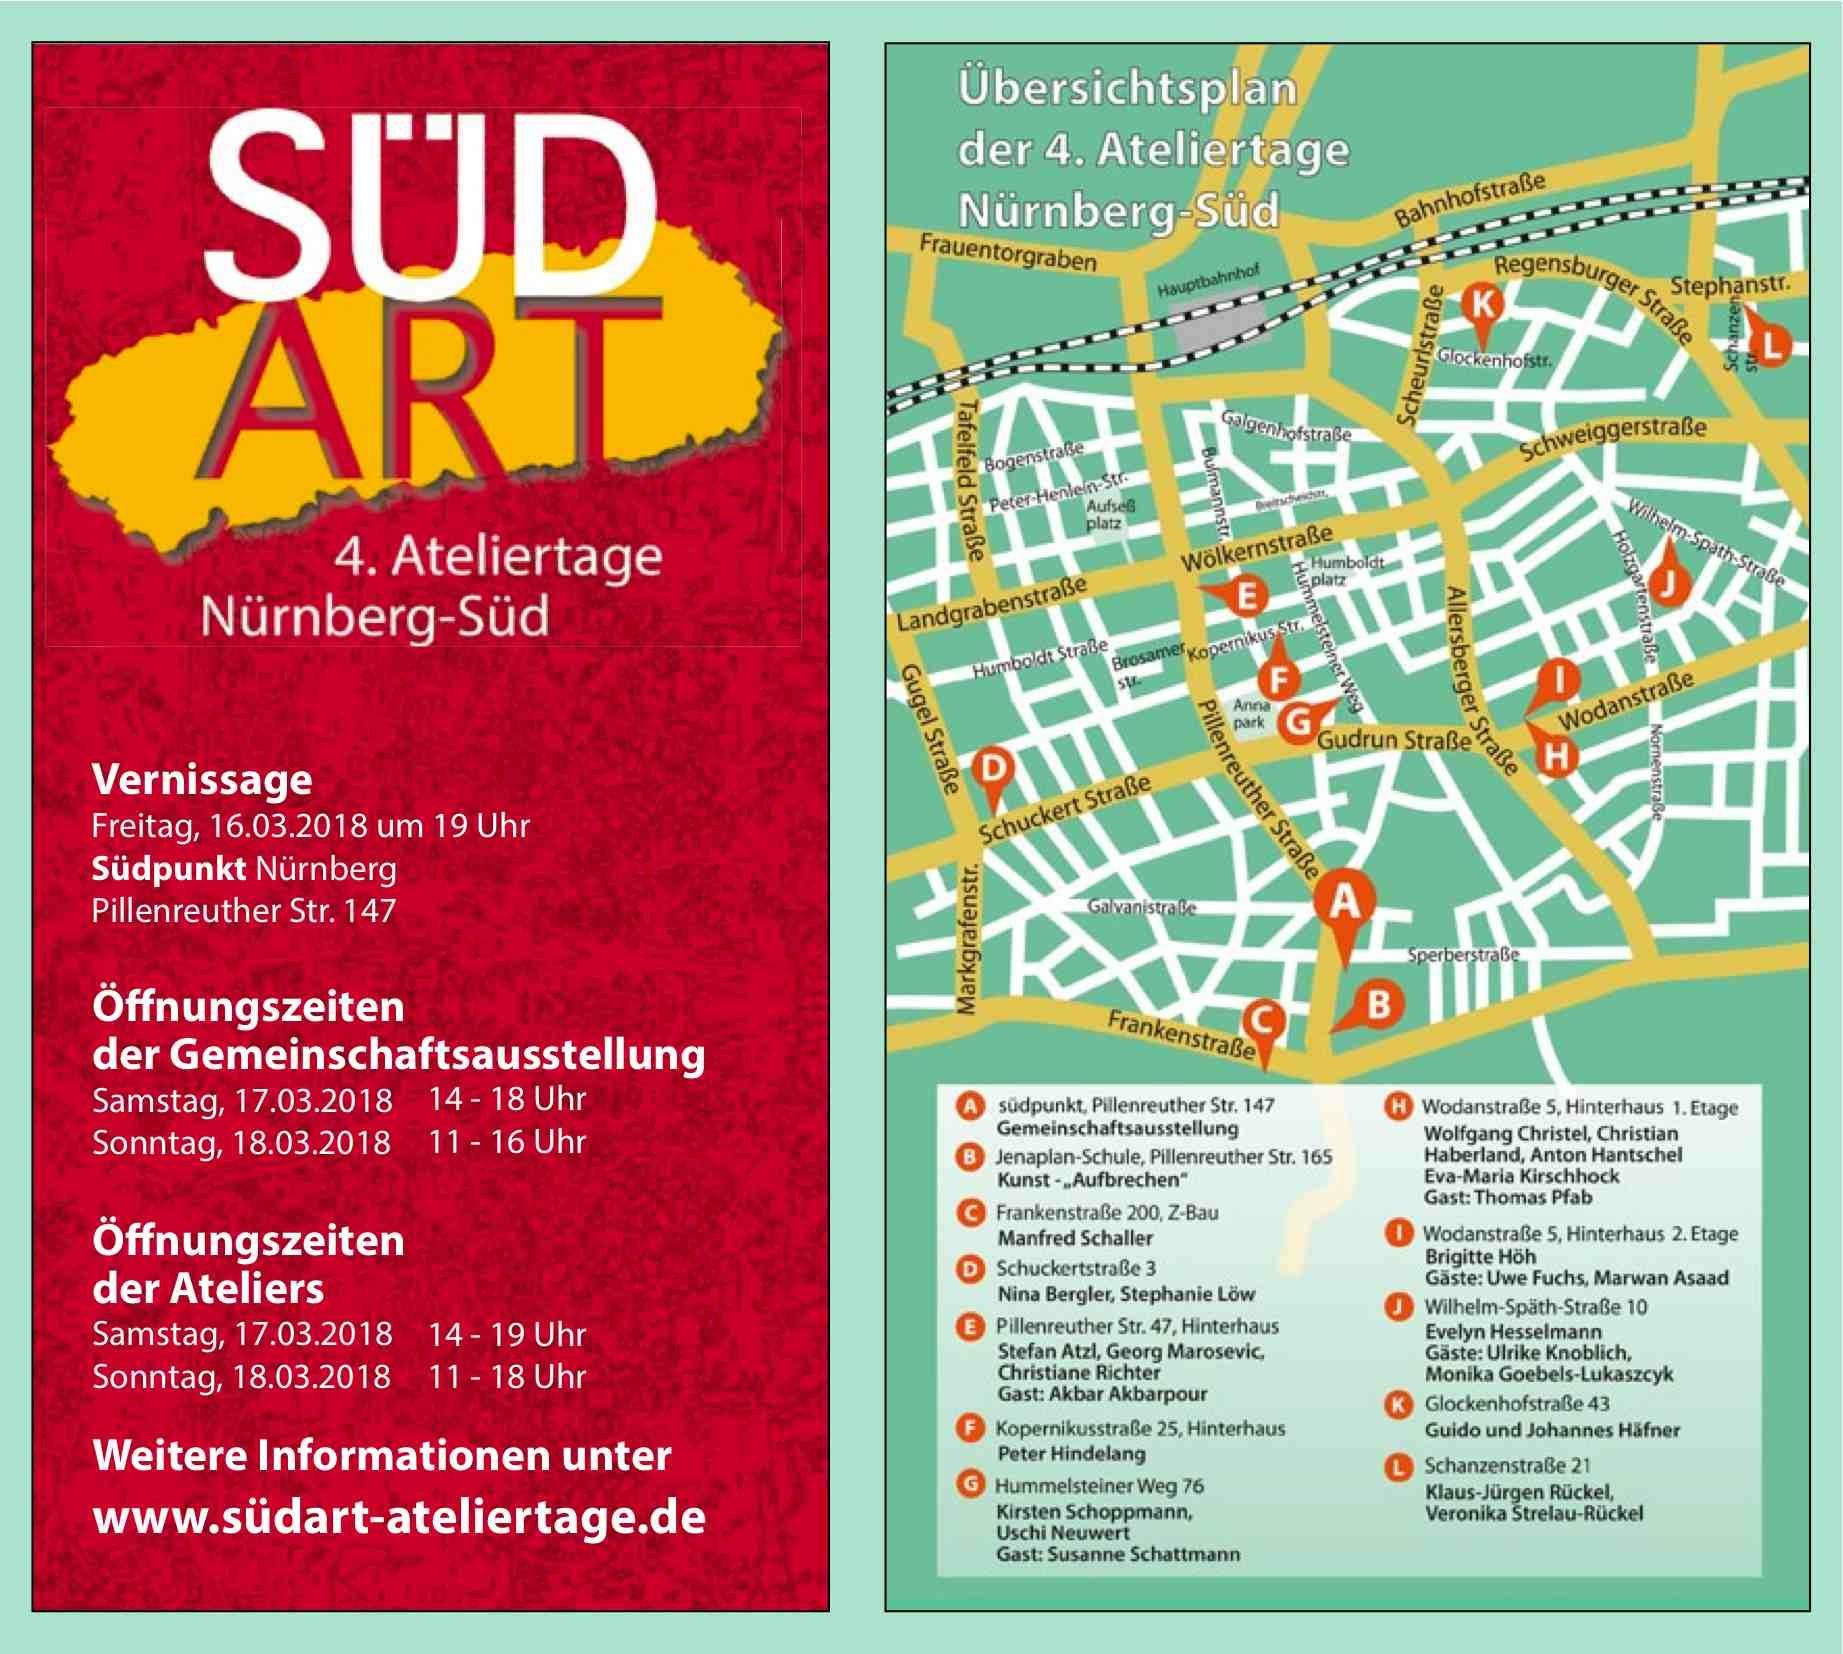 SUEDART_Ateliertage_2018_Mail_Einladung